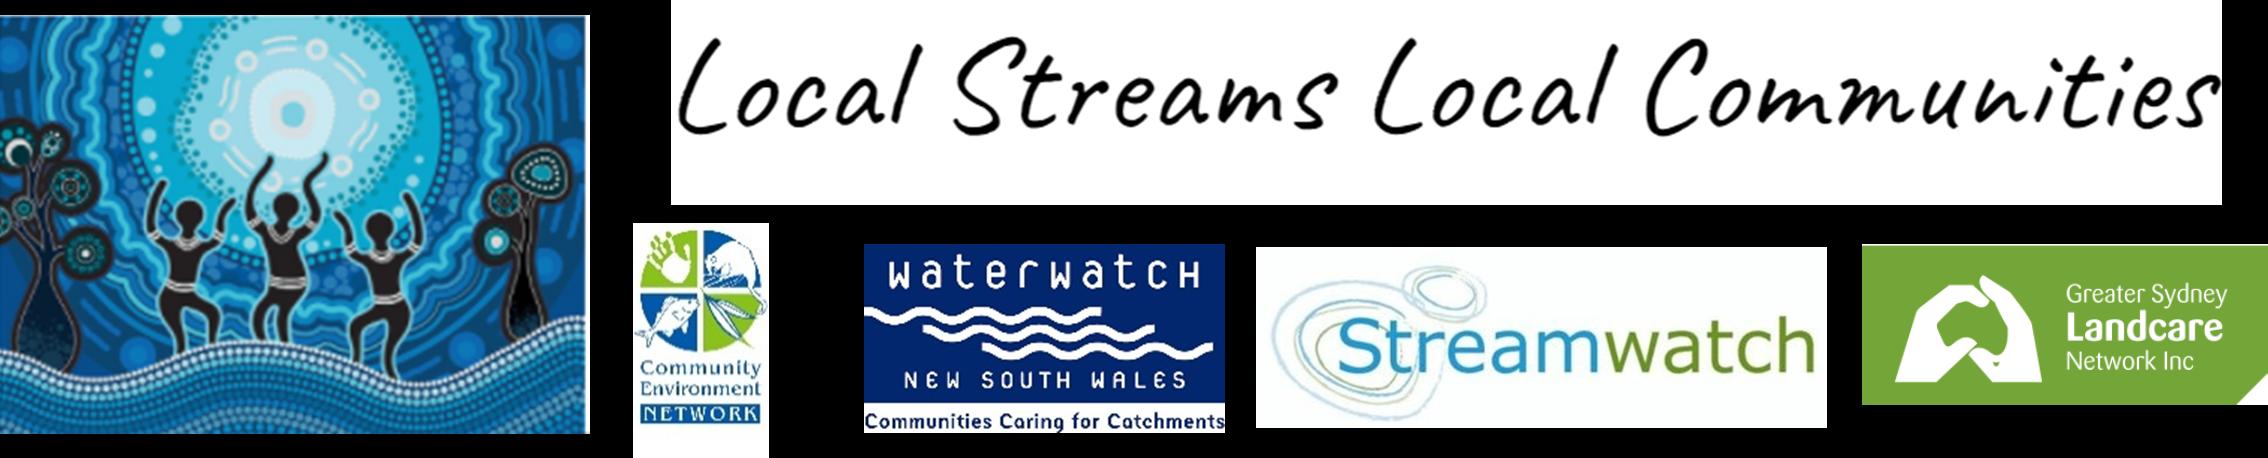 Local Streams Local Communitites